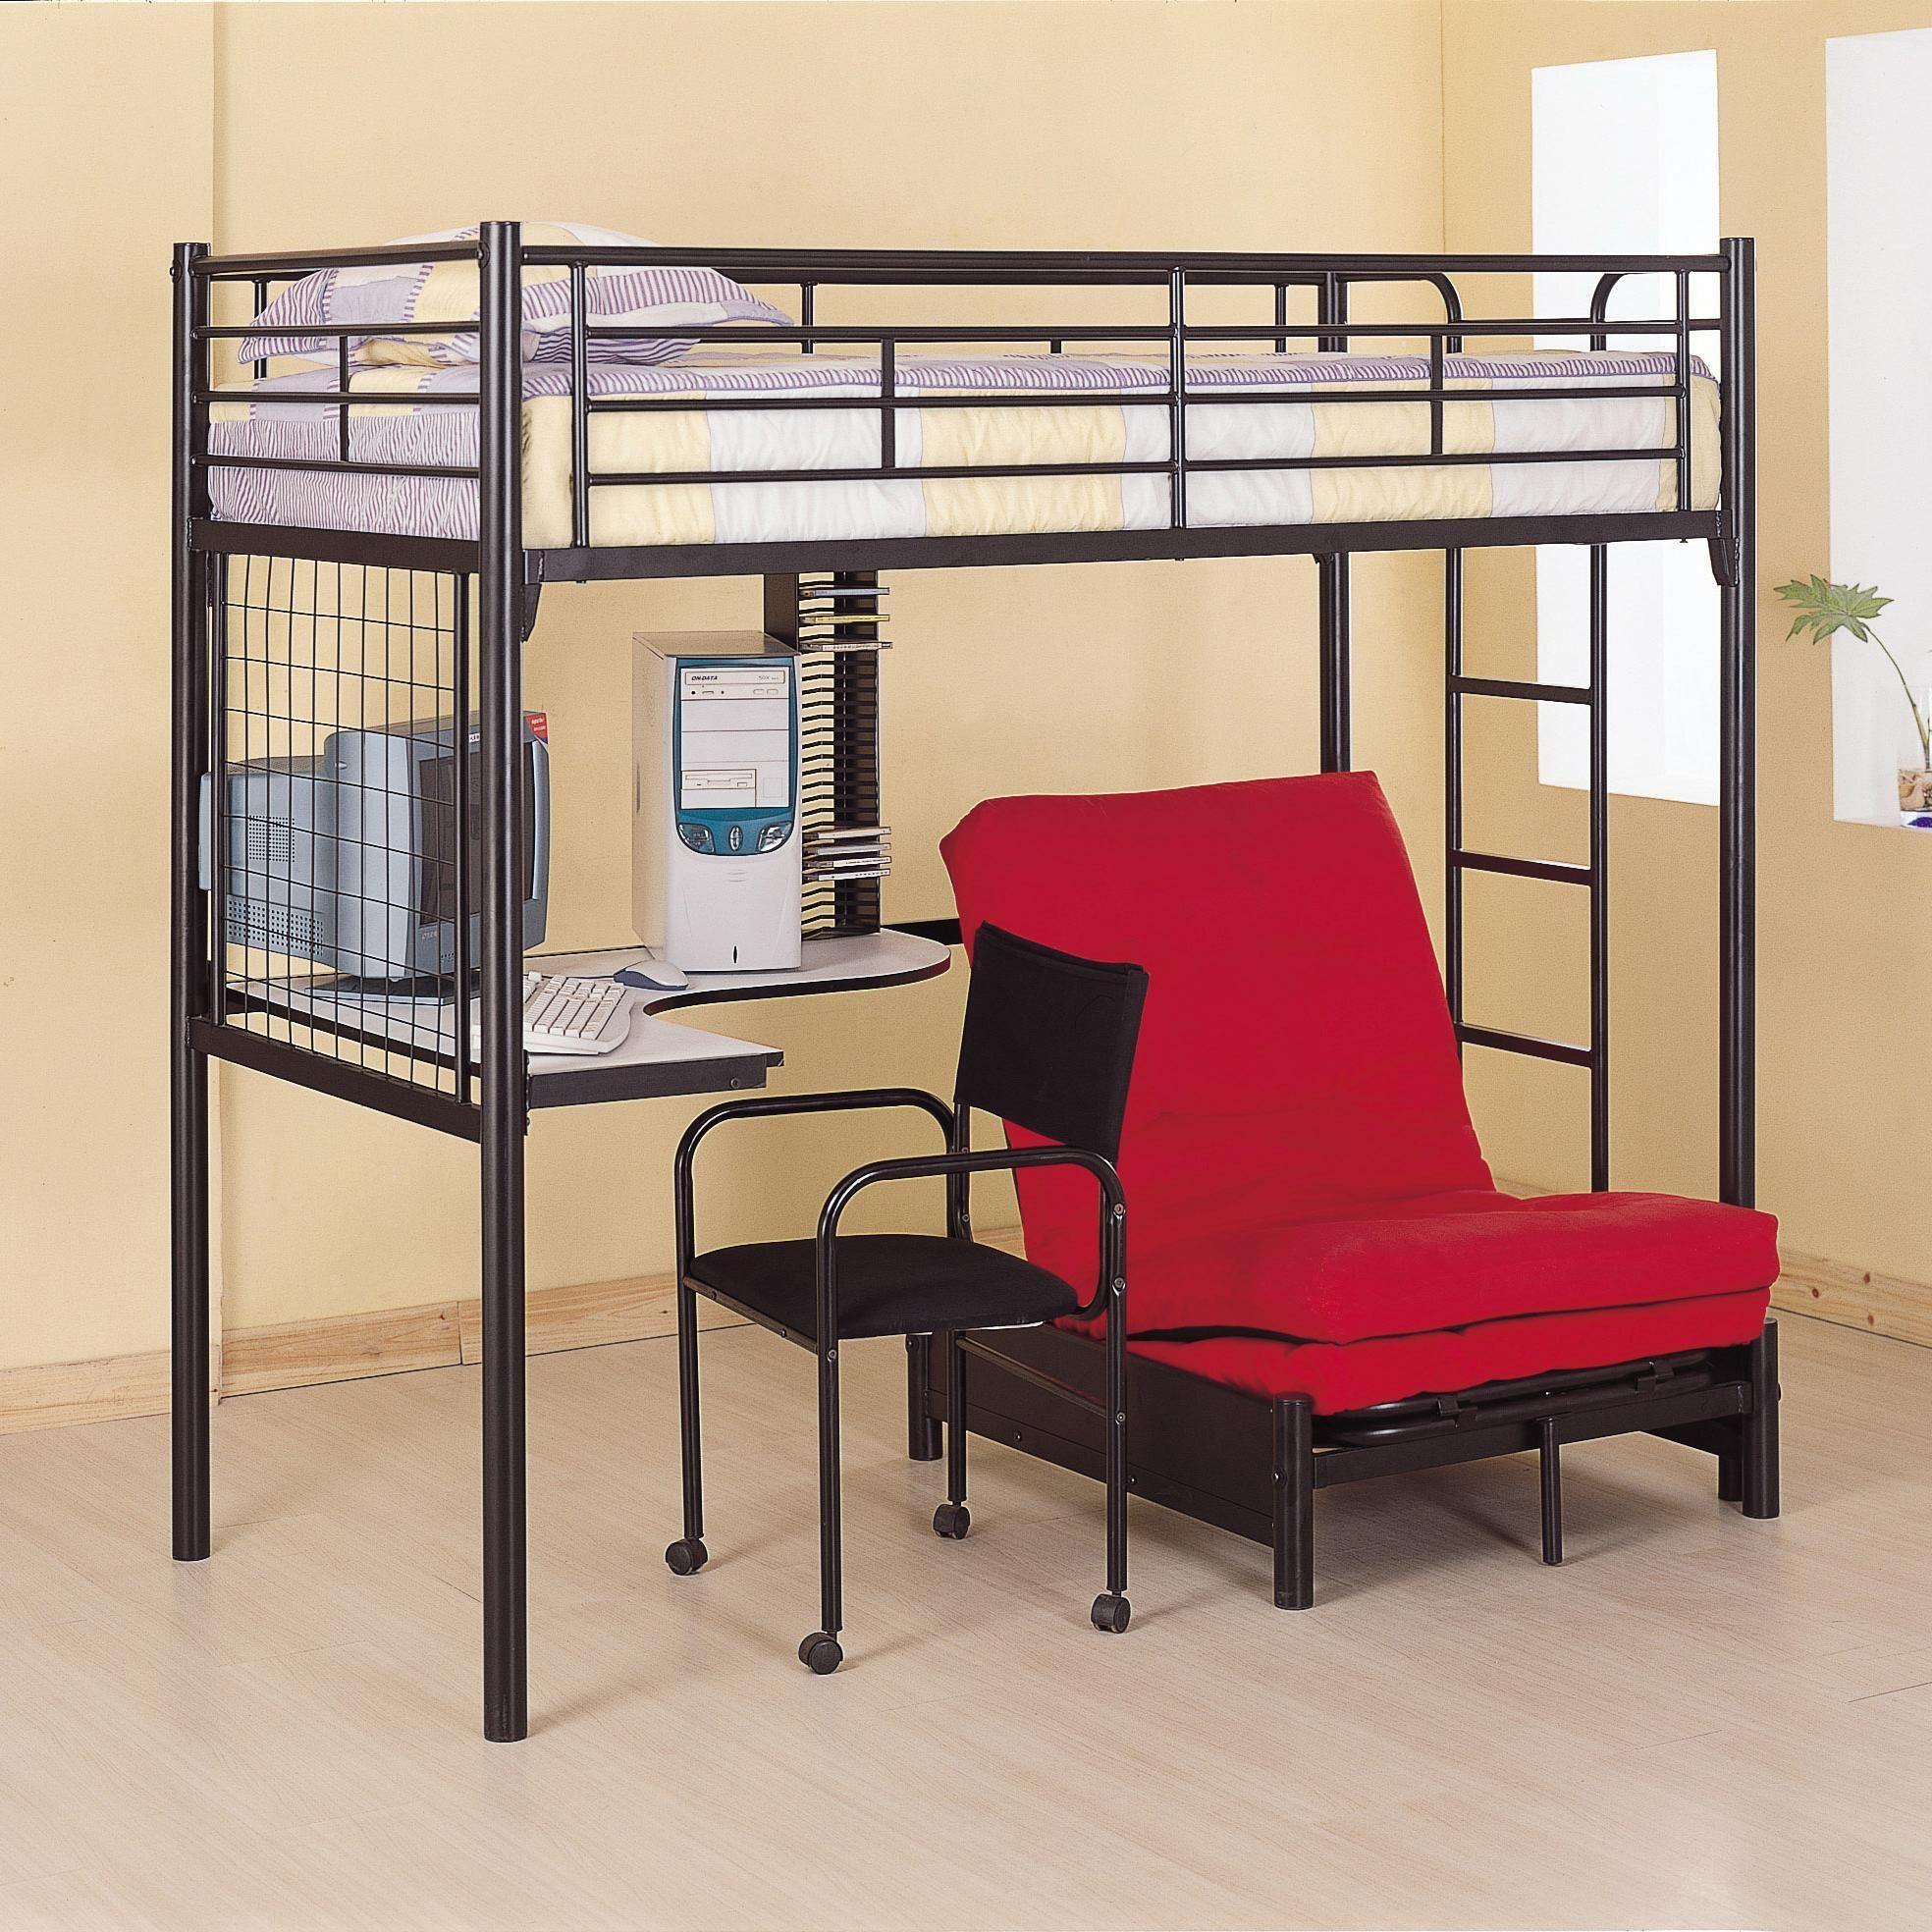 Murphy Bett Fur Kinderzimmer Etagenbett Schreibtisch Loft